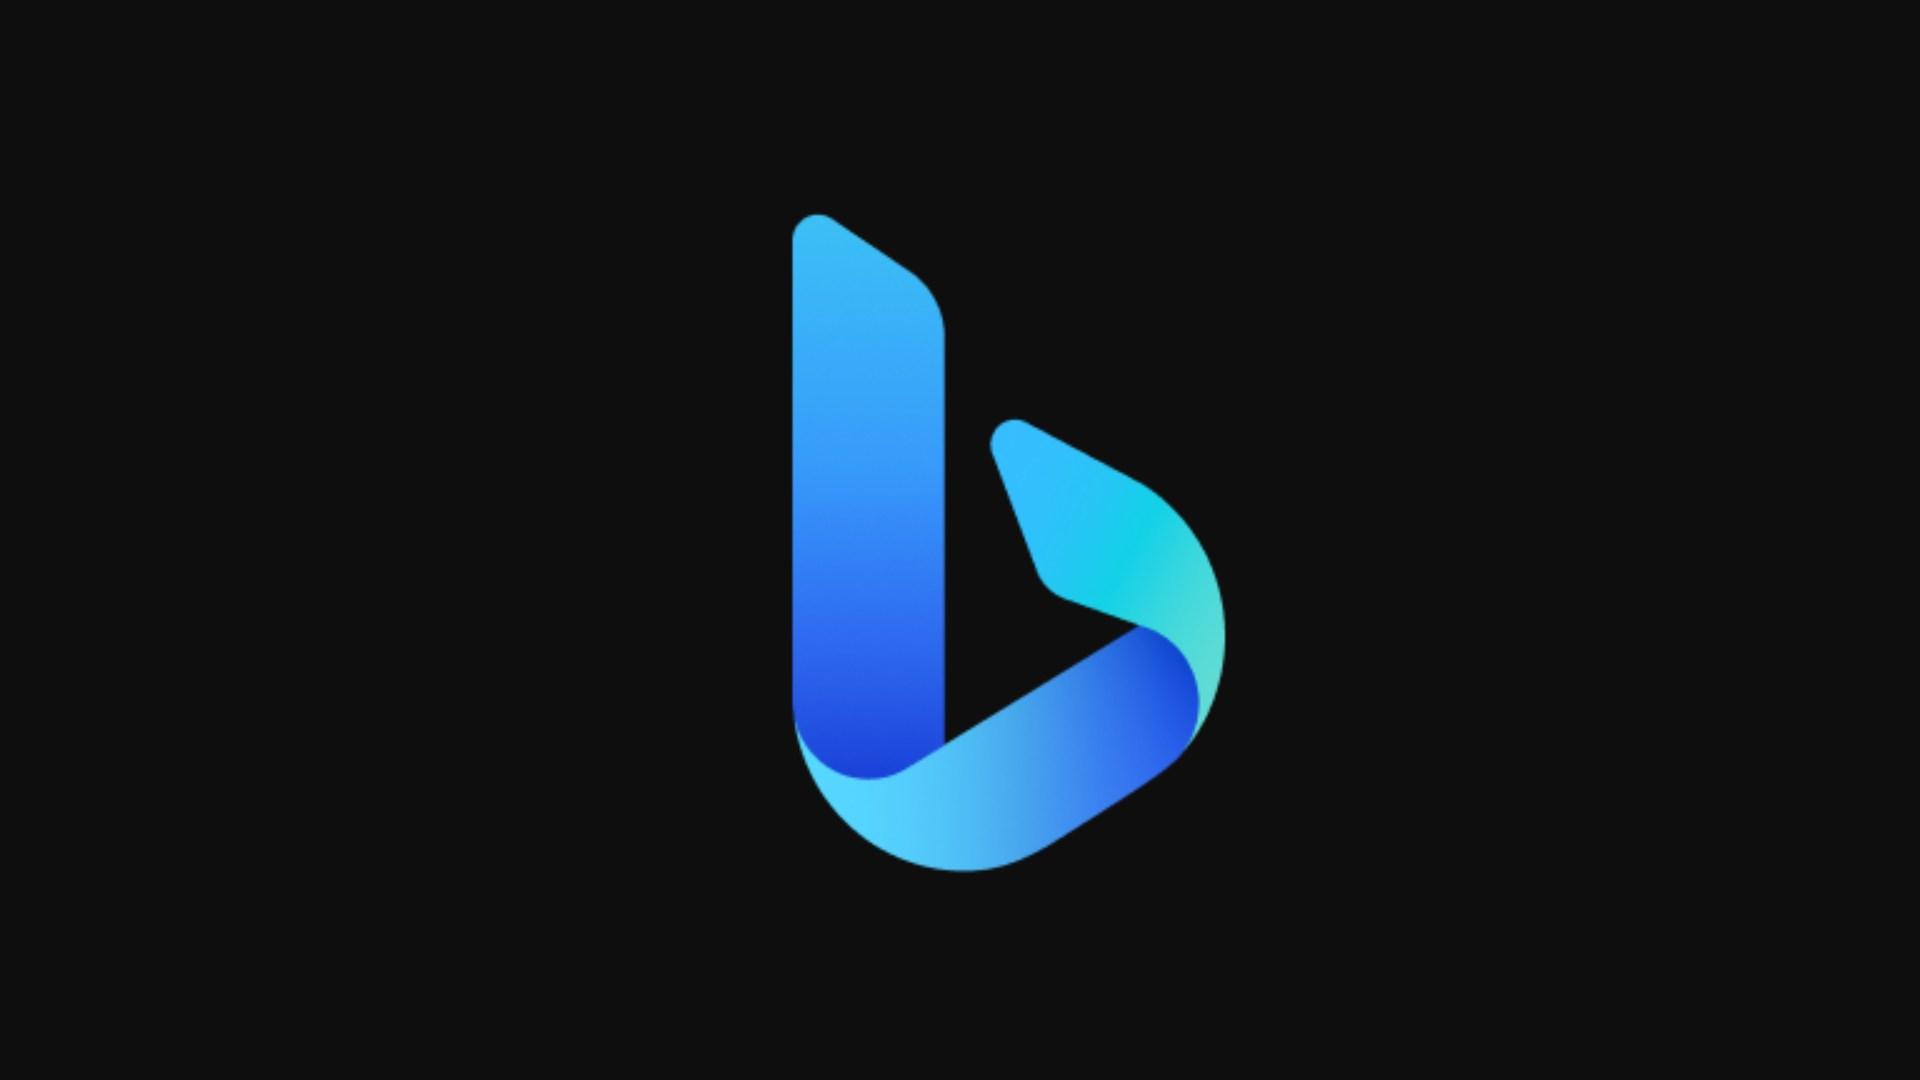 Microsoft, Logo, Design, Suchmaschine, Suche, Bing, Websuche, Redesign, Microsoft Bing, Bing Suchmaschine